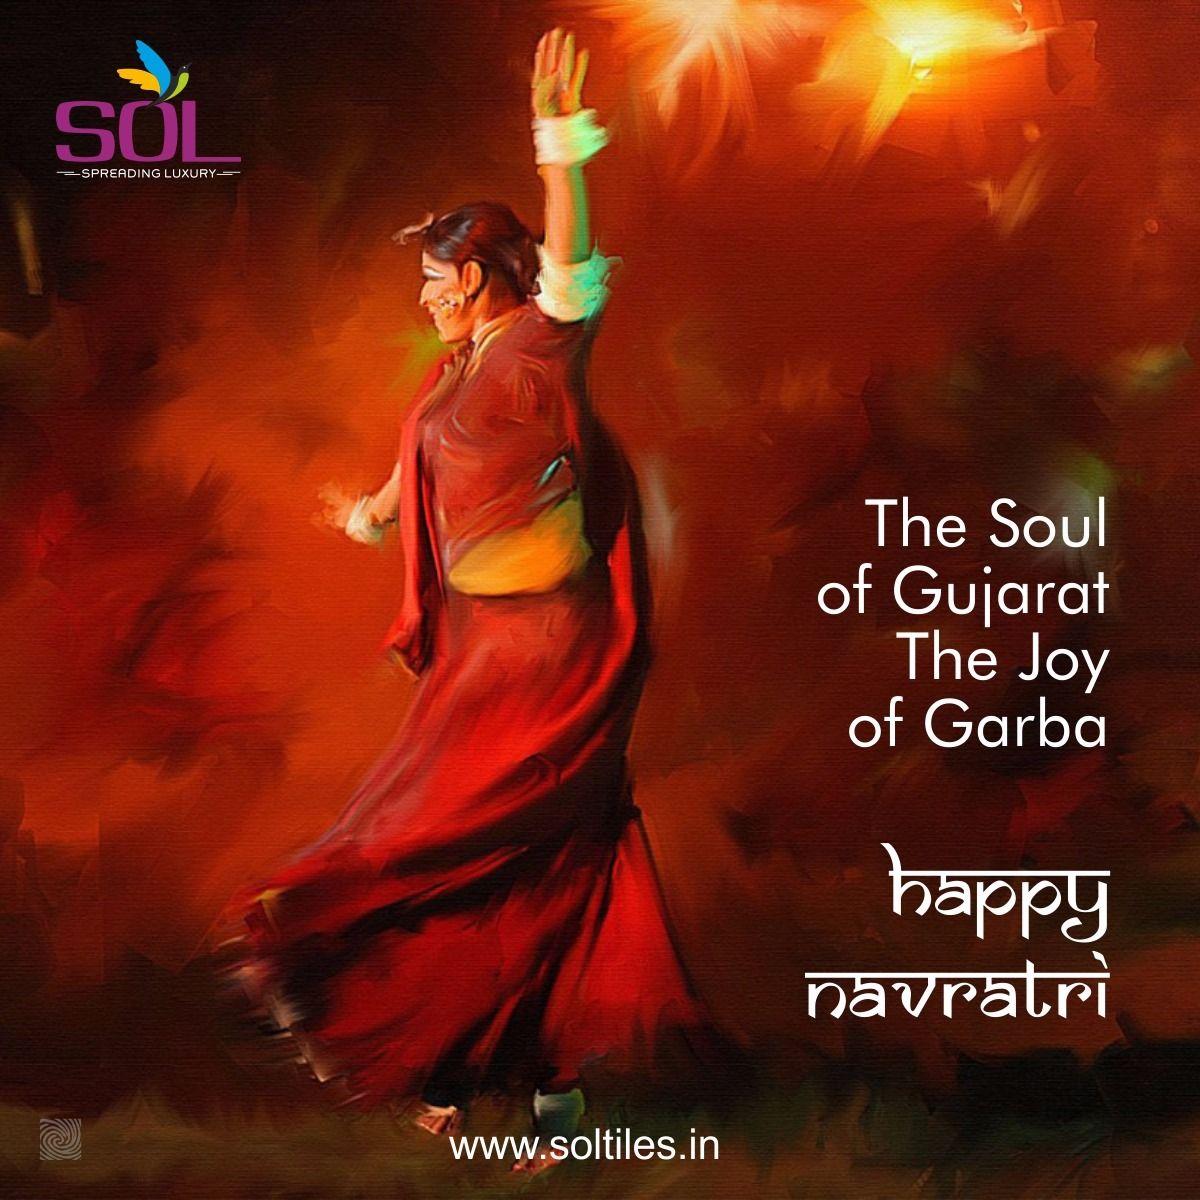 the soul of gujarat the joy of garba happy navratri soltiles